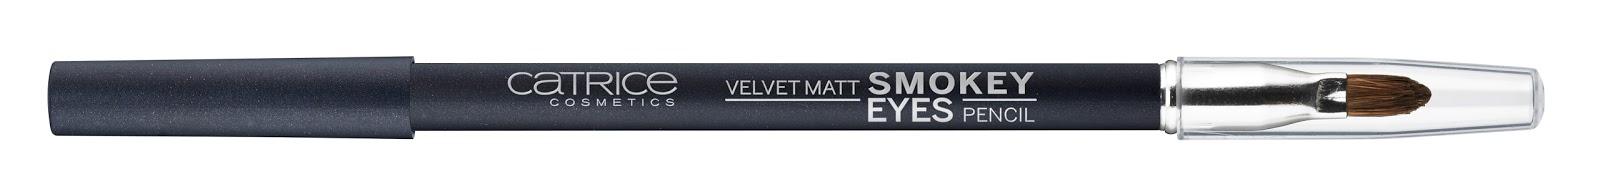 Catrice - Velvet Matt Smokey Eyes Pencil